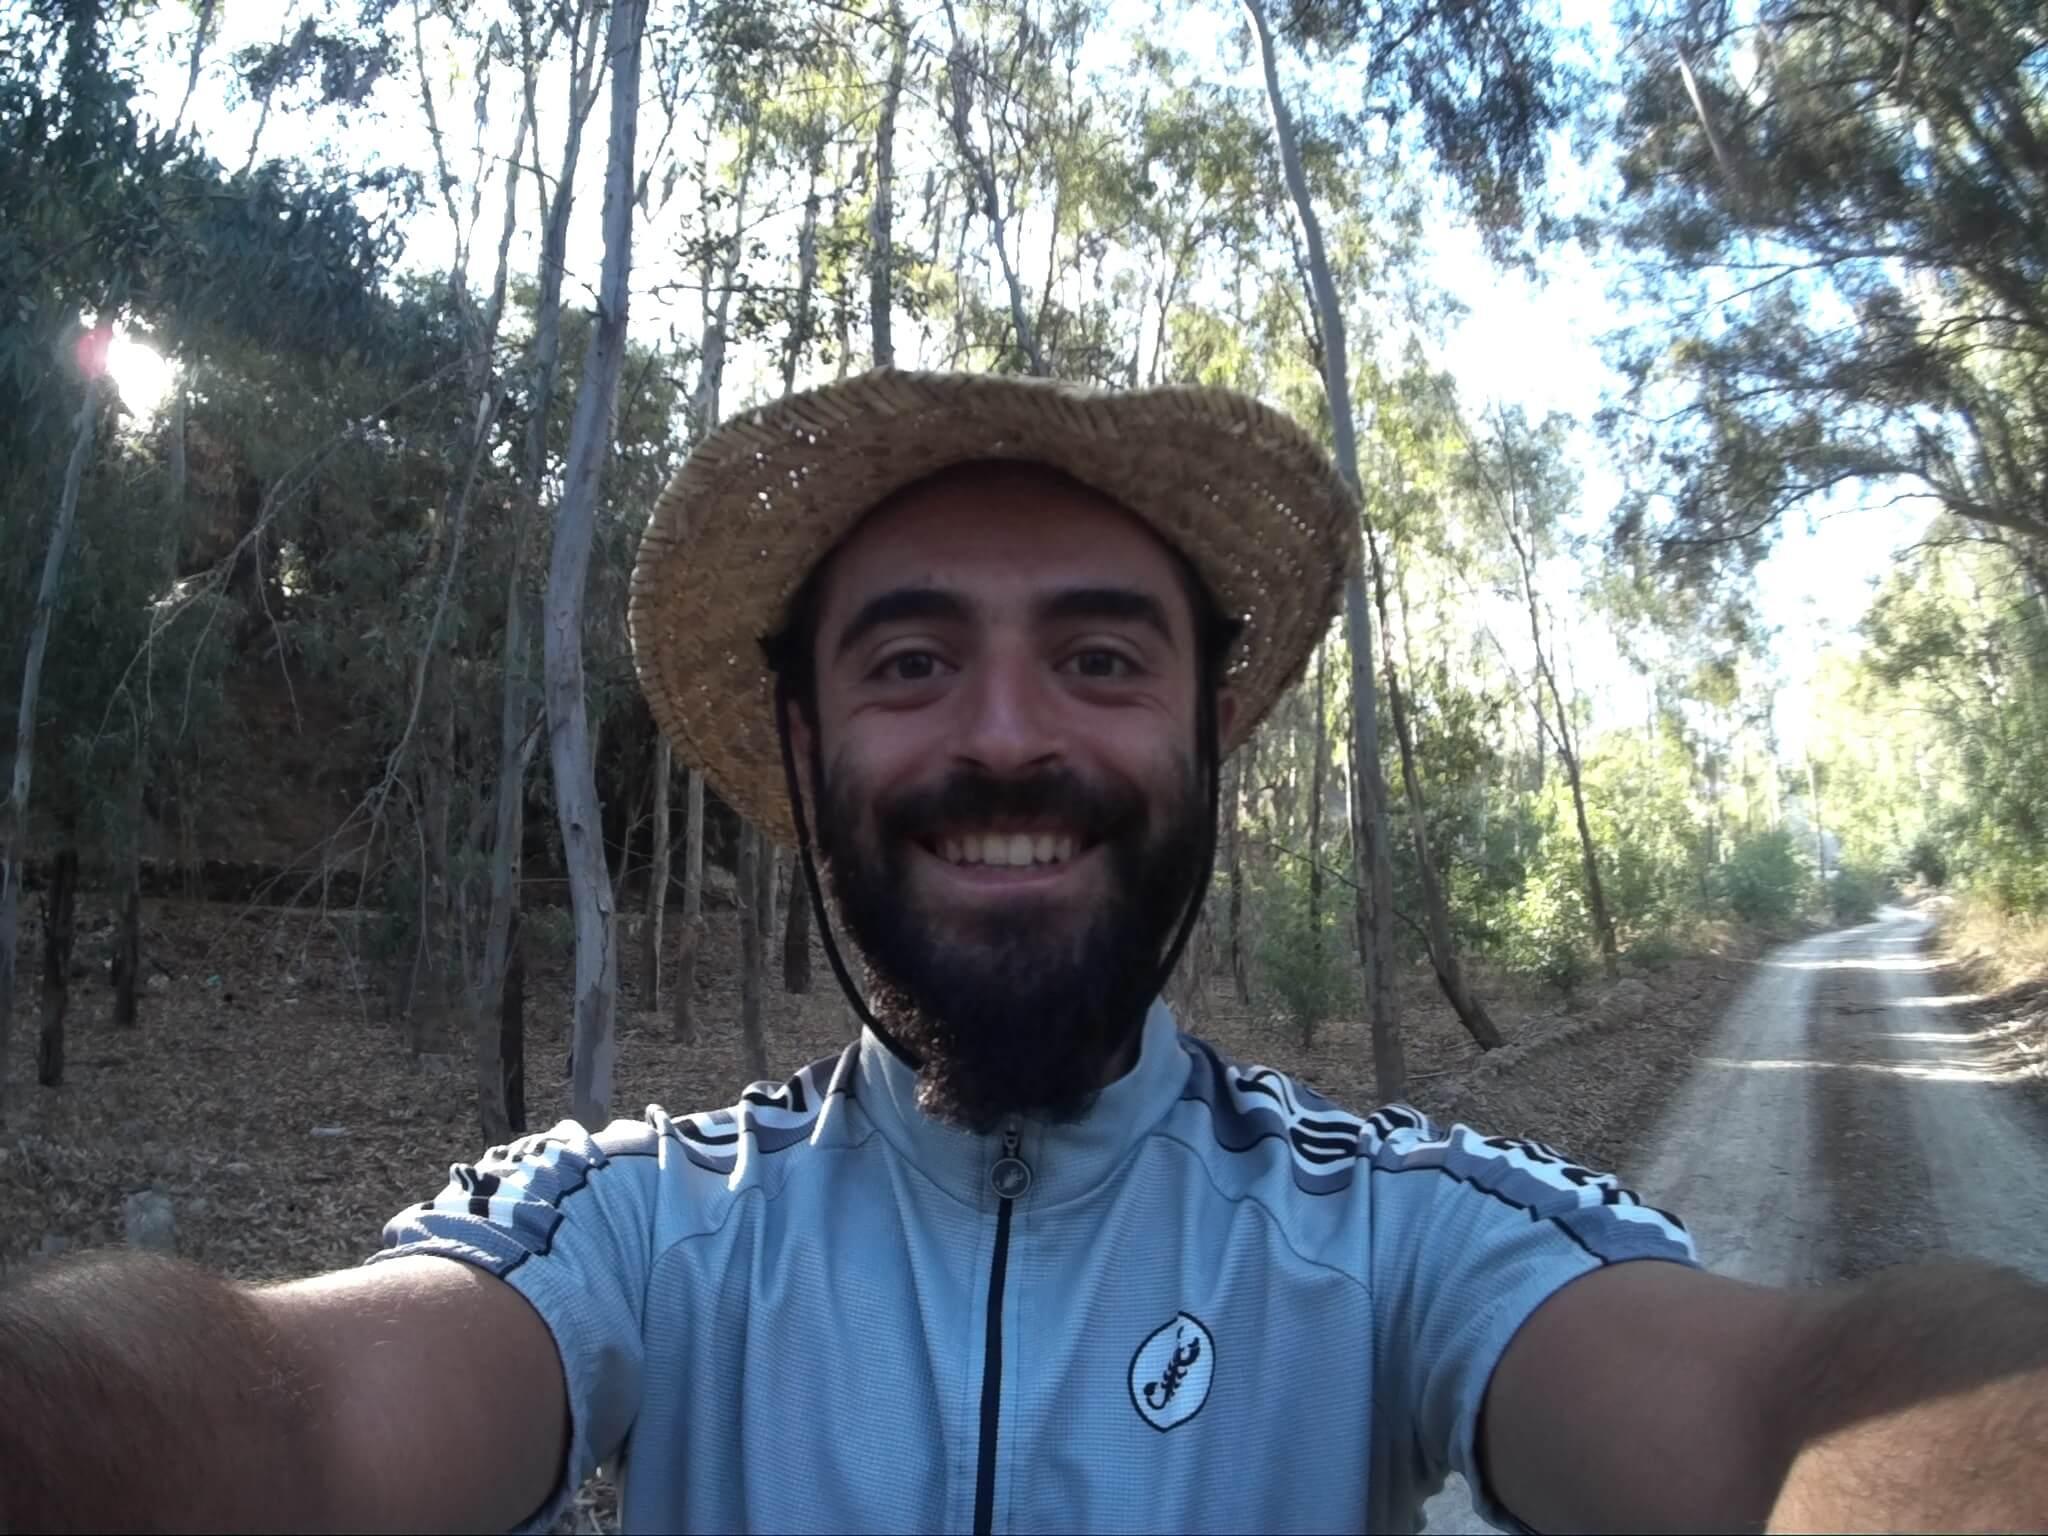 Εγω Λυκοποριά Αποστολής Τσεπαπαδάκης ο γυρος του κοσμου με ενα ποδηλατο